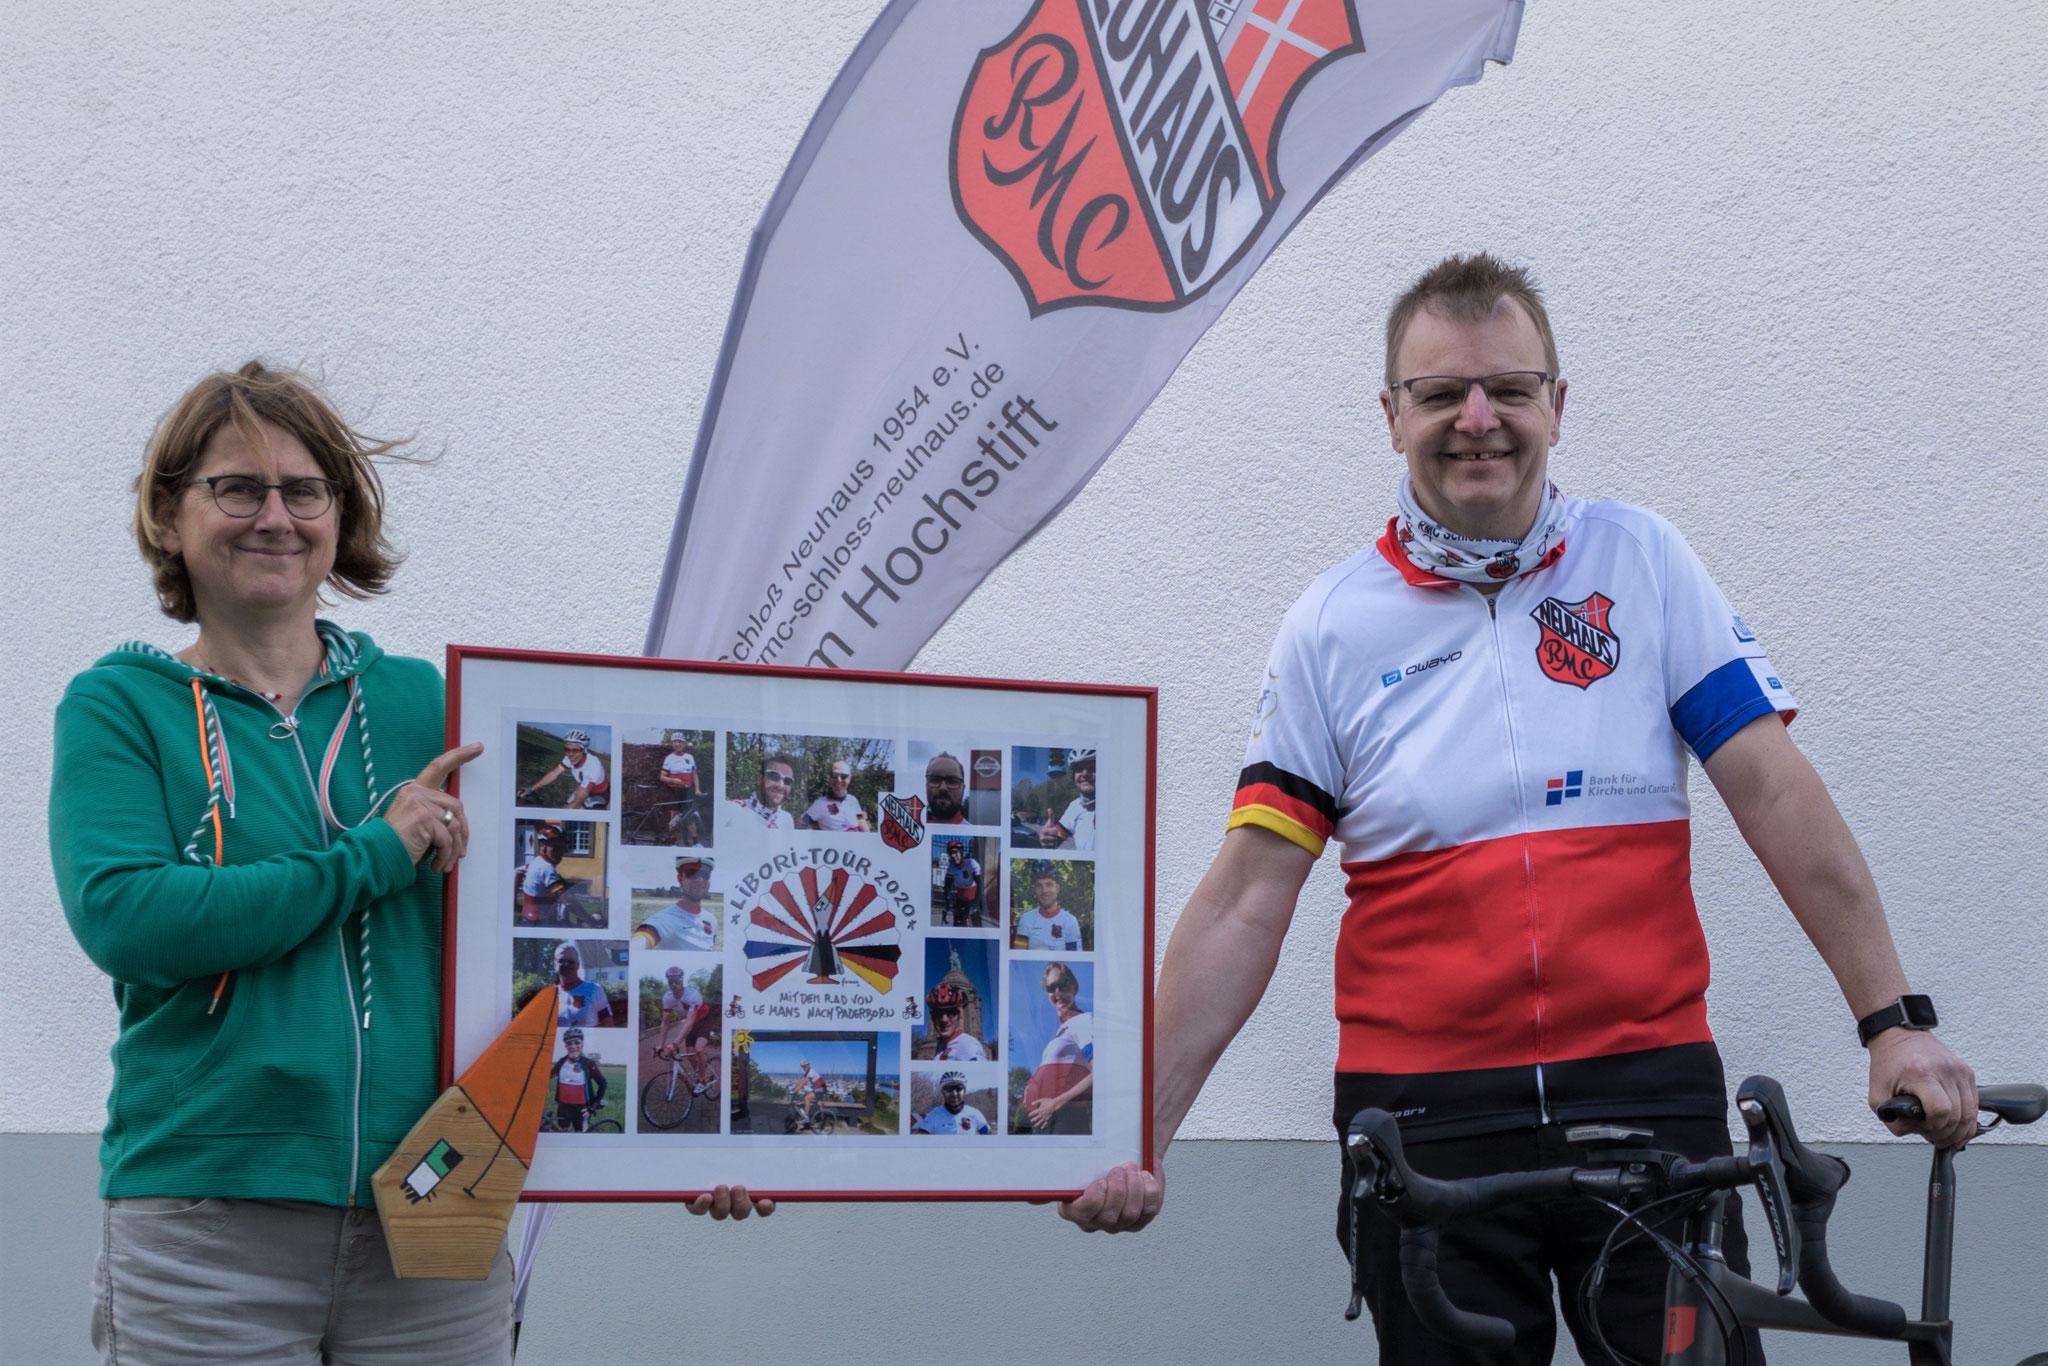 Odilia Wagener (Koordinatorin AKHD PB-HX), Martin Klösener (Vorsitzender RMC Schloß Neuhaus)